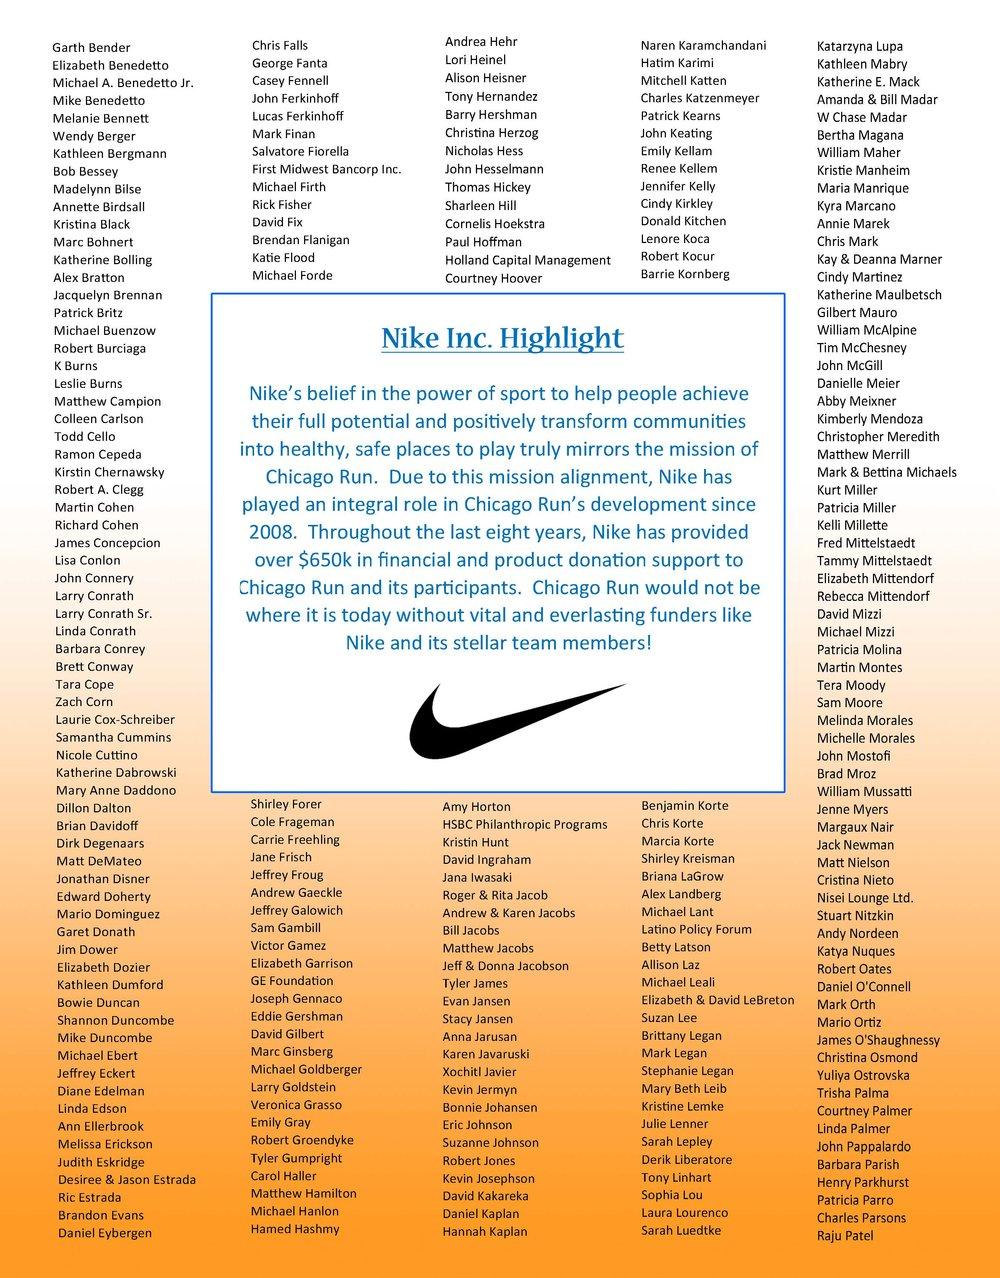 9 - Supporters (Nike highlight).jpg